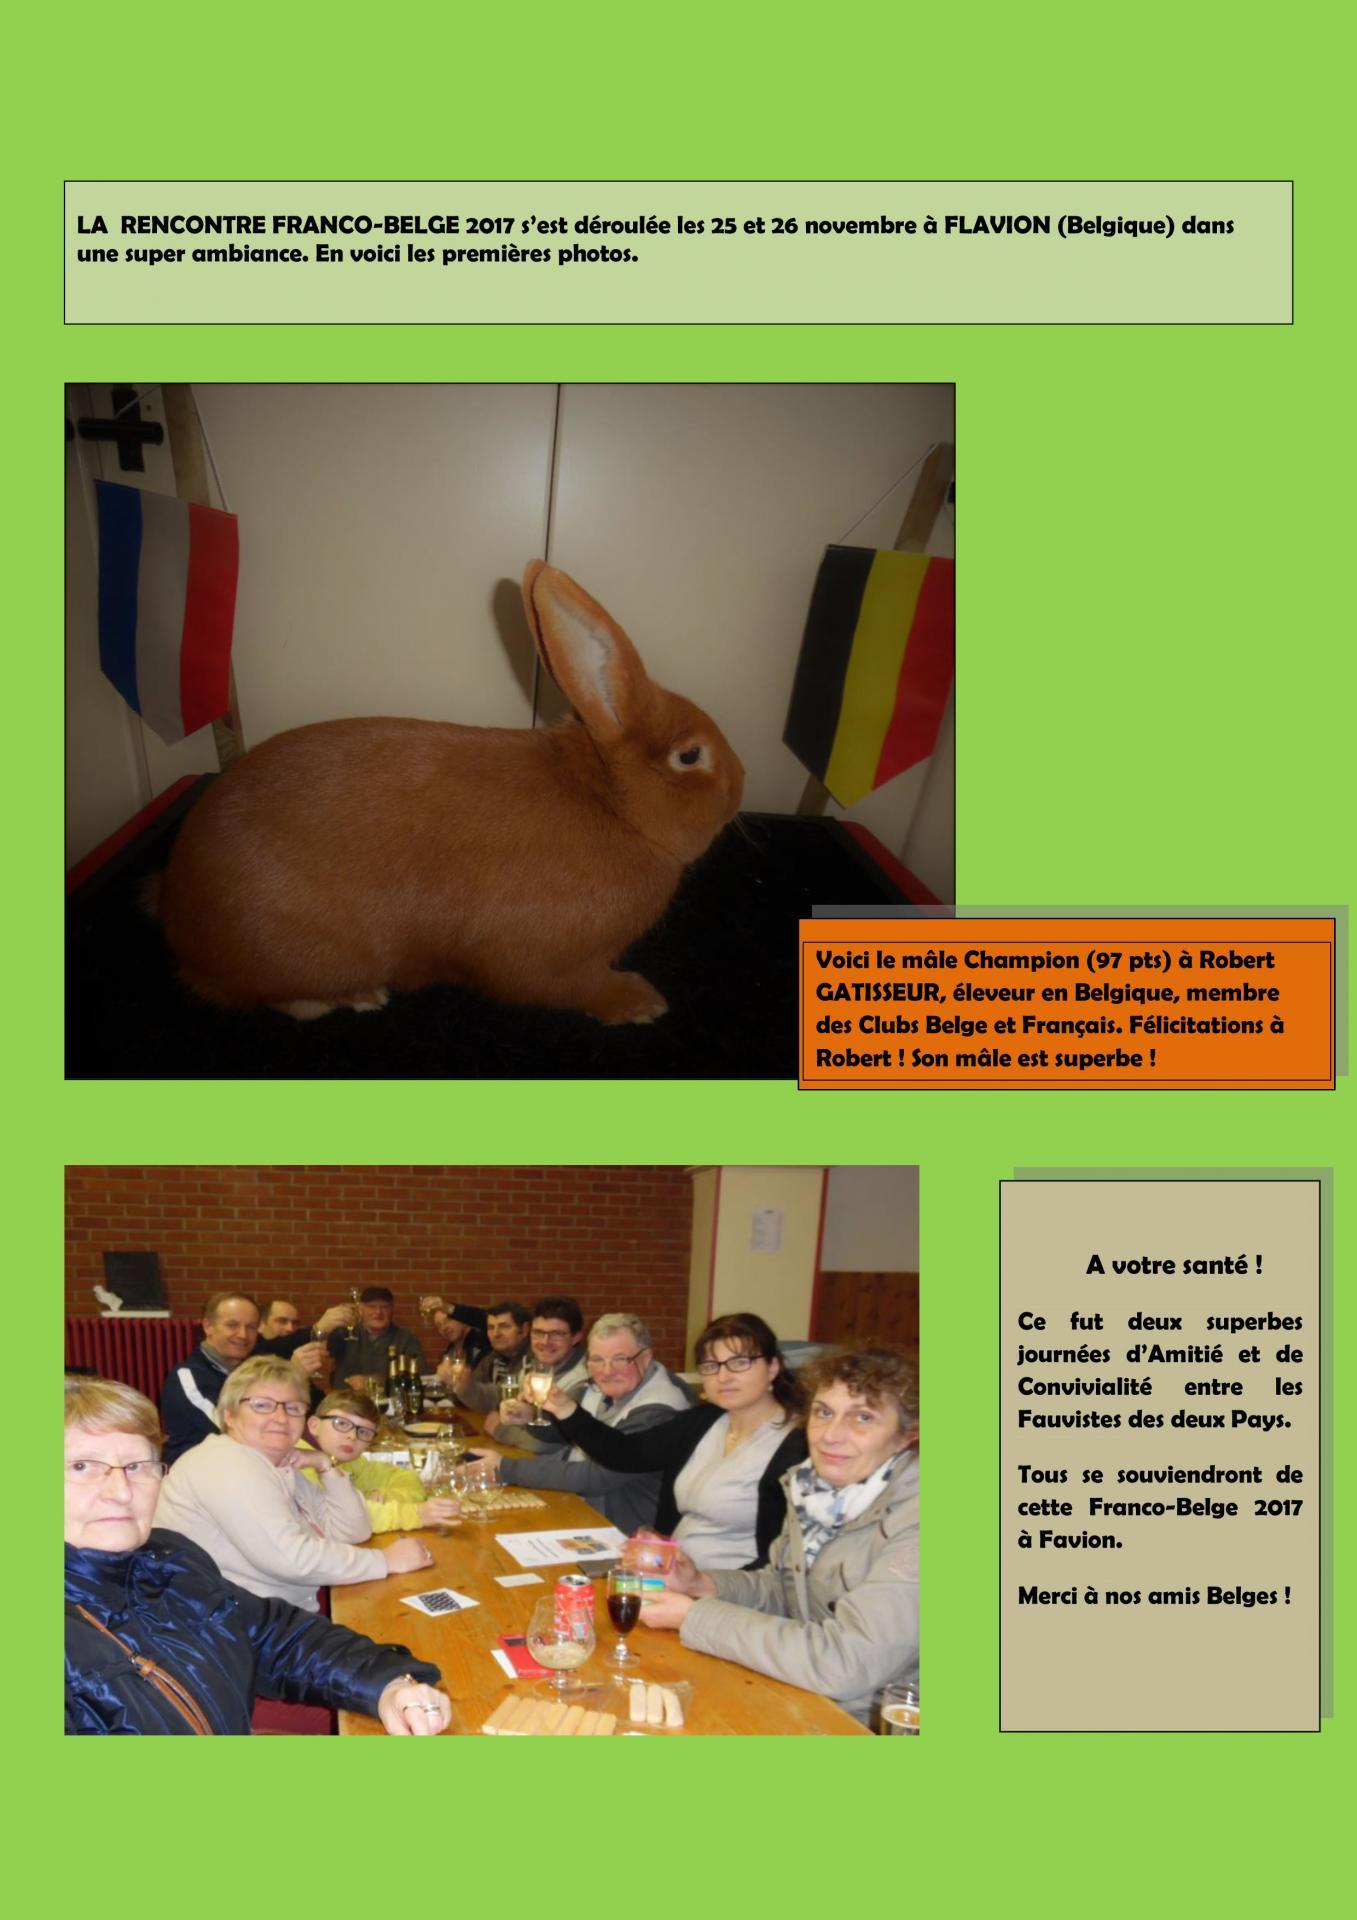 La rencontre franco belge en images 1